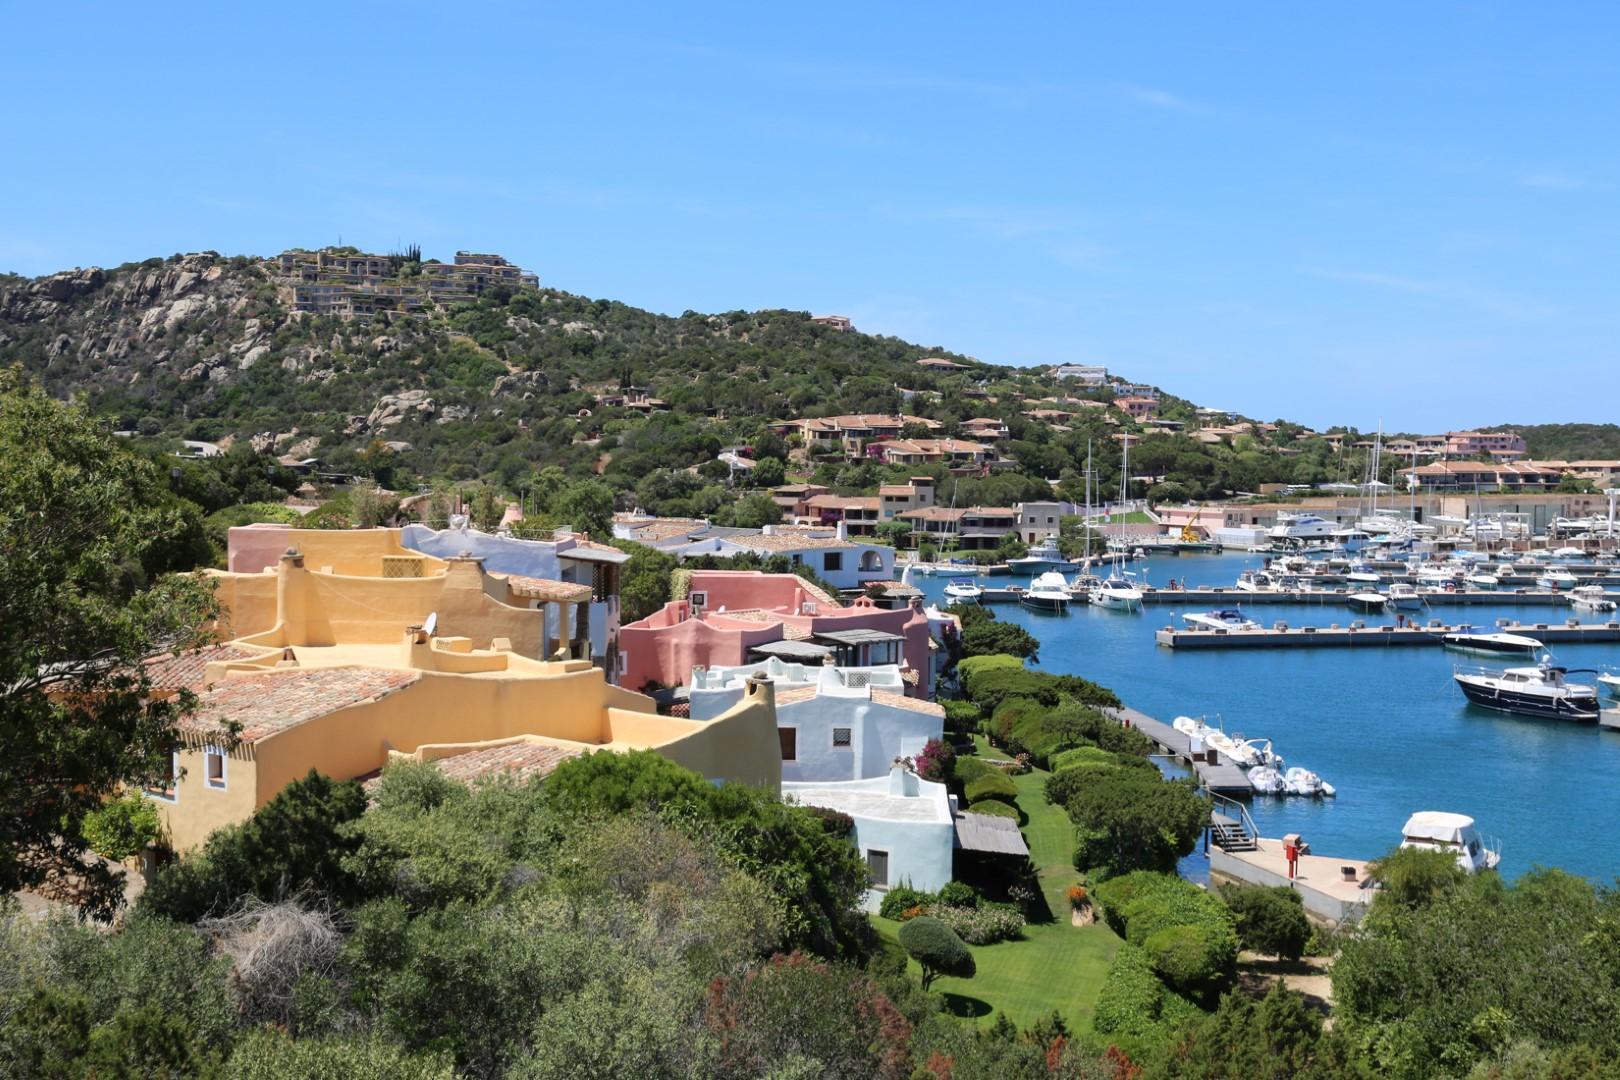 Sardegna: in Costa Smeralda con Donnavventura